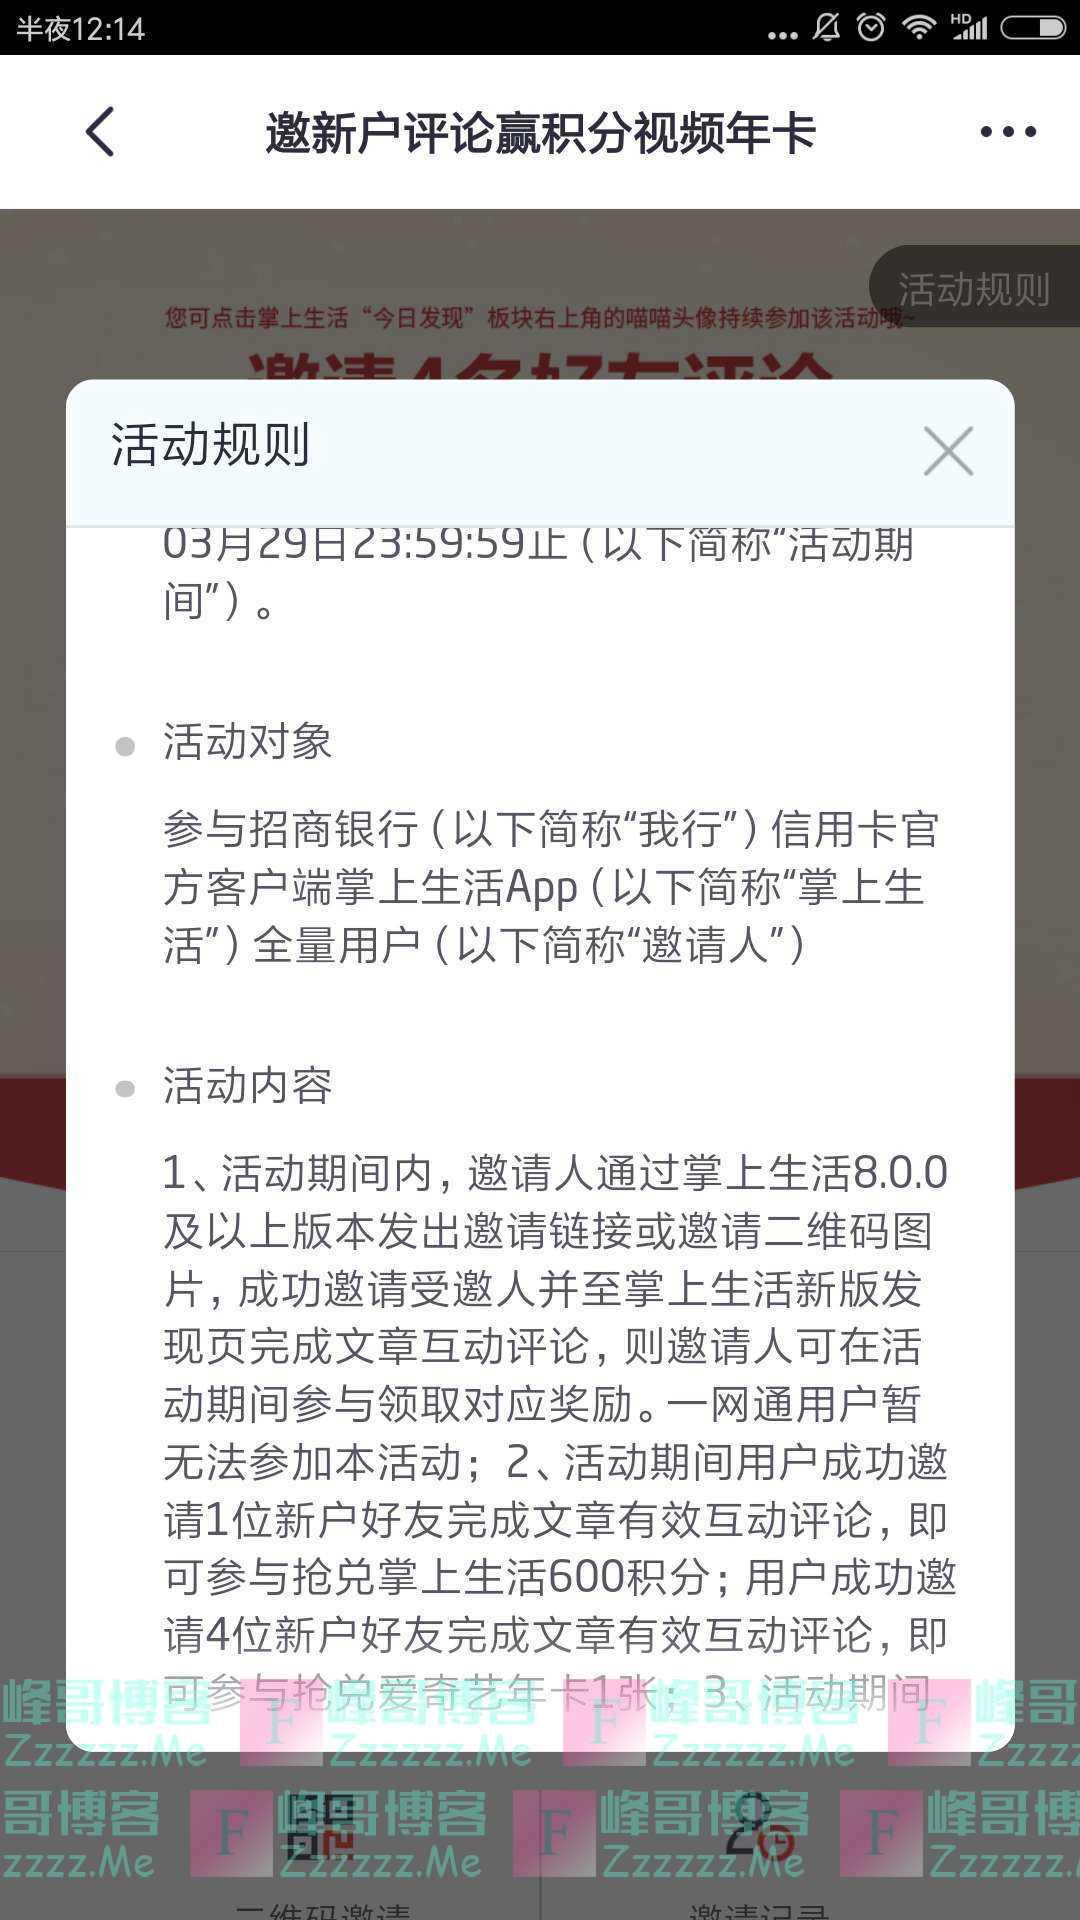 掌上生活邀新户评论赢爱奇艺年卡(截止3月29日)